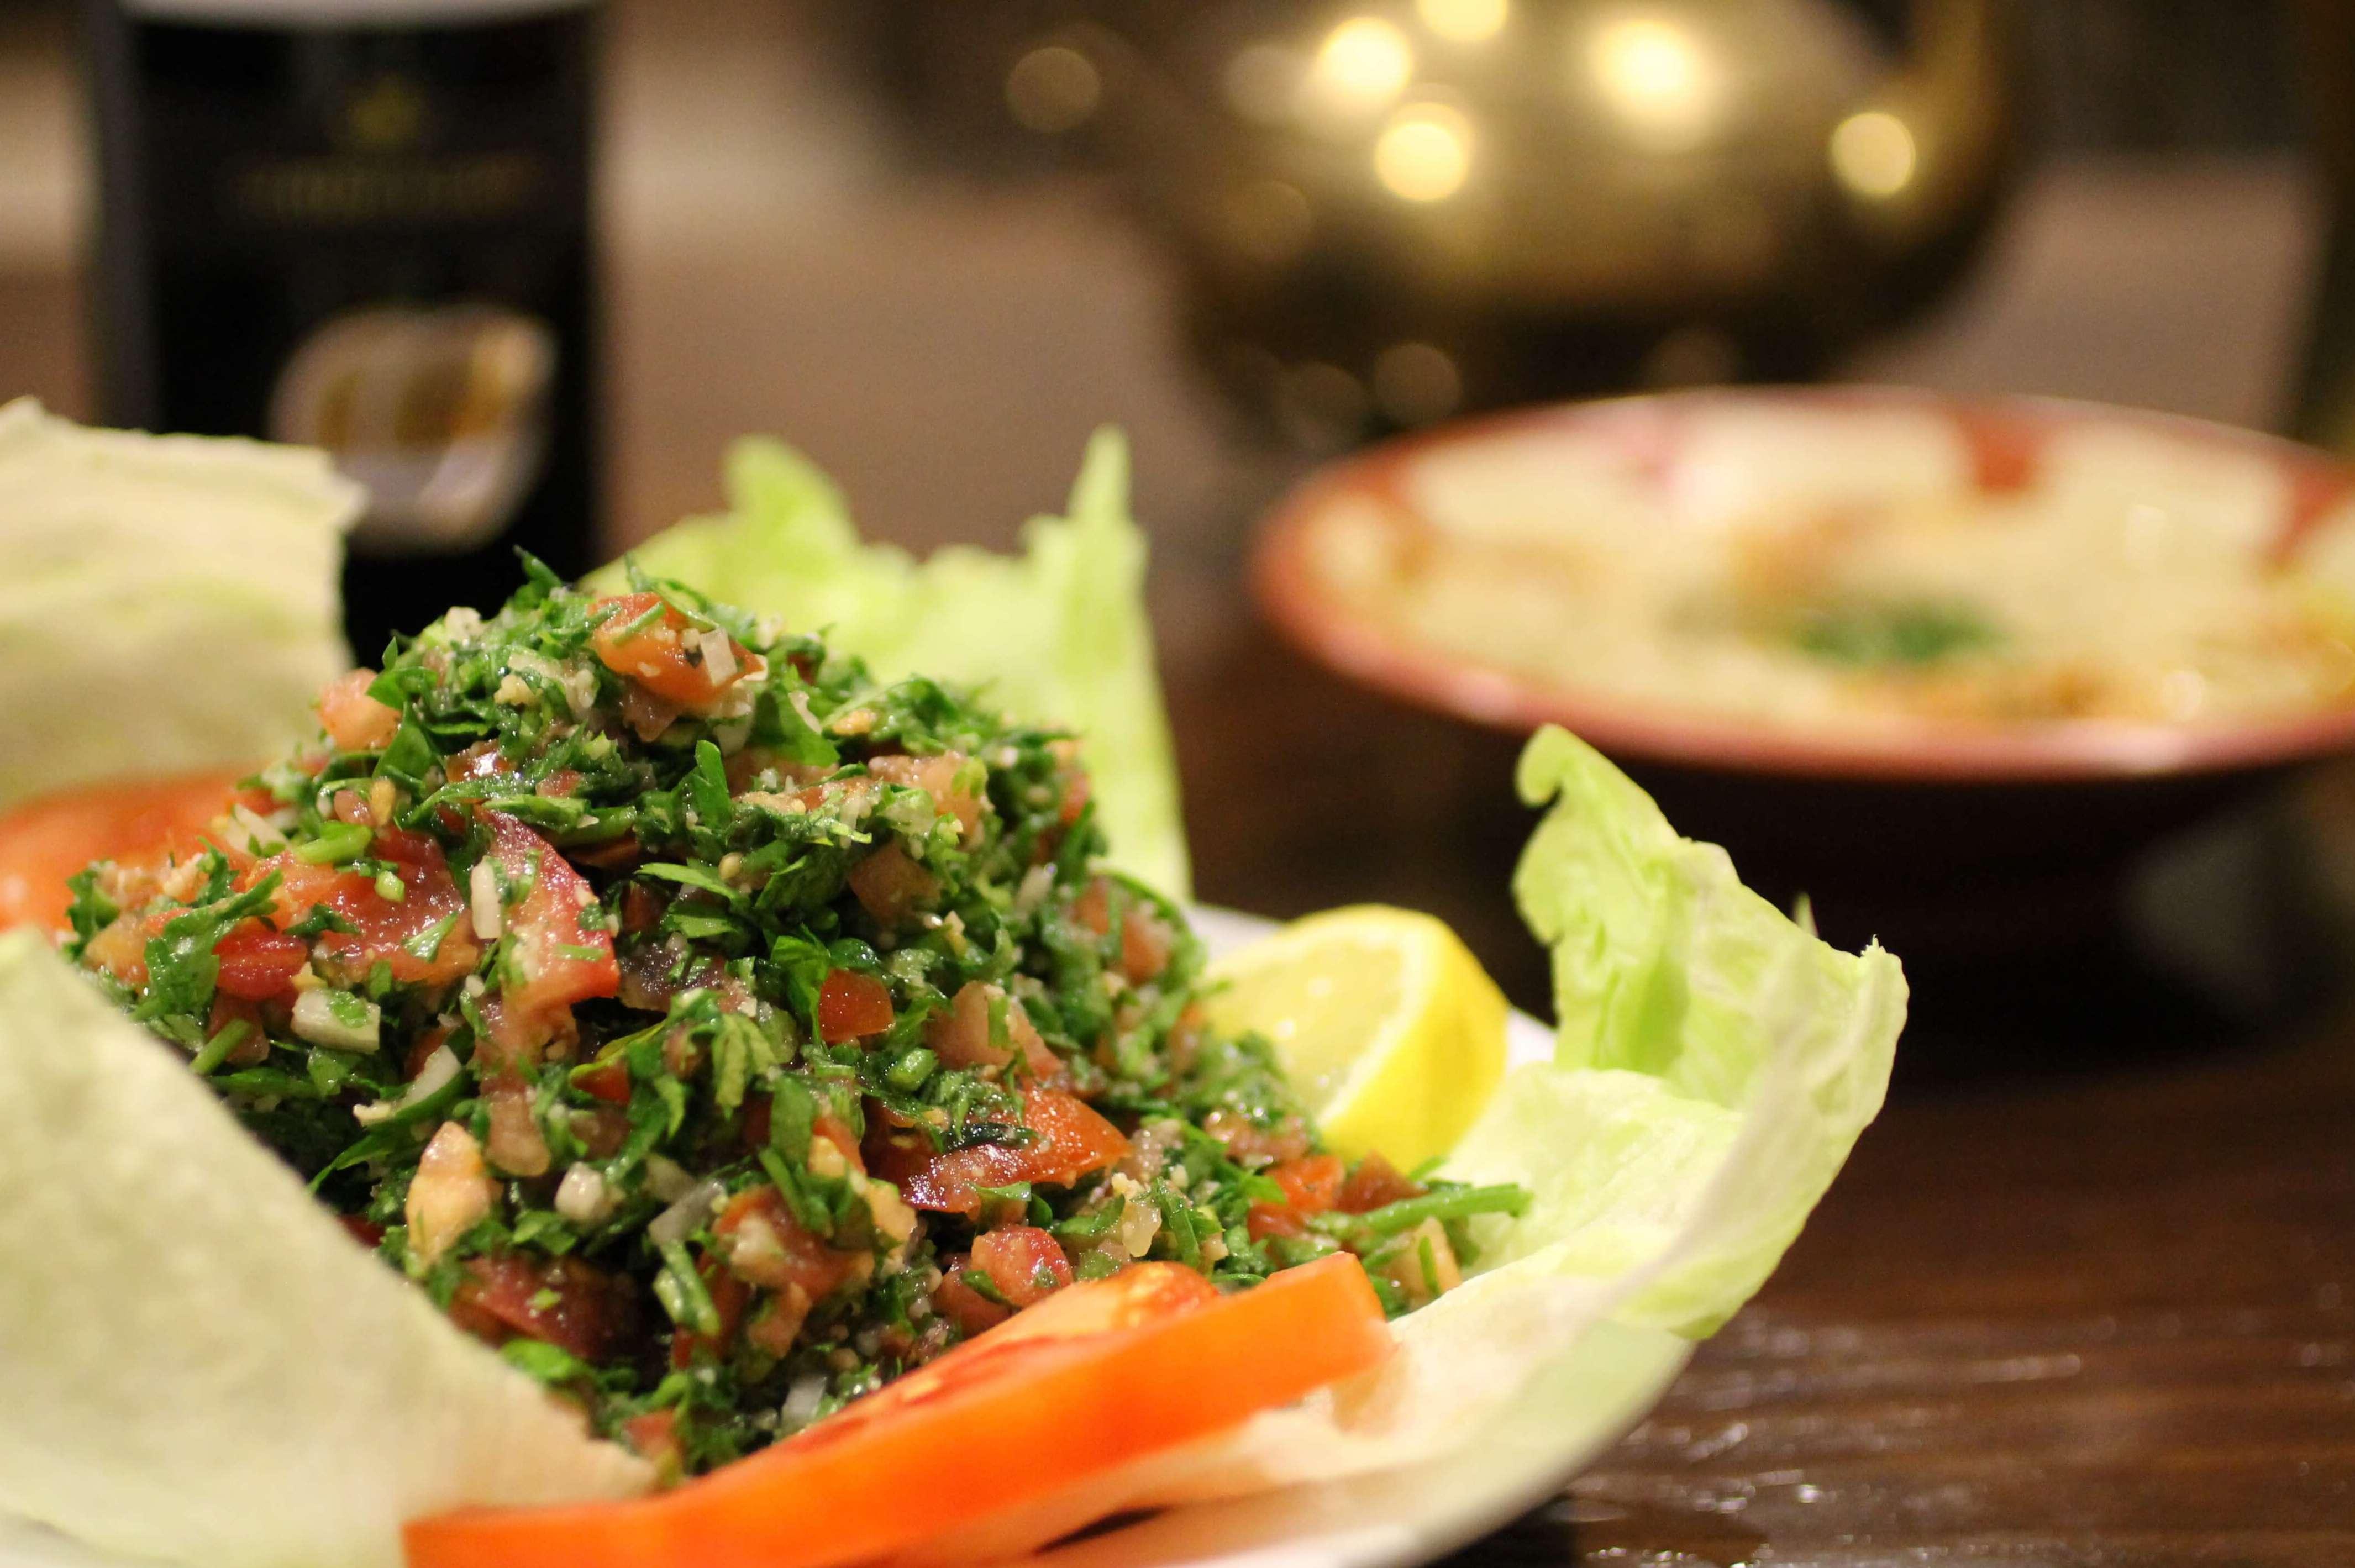 Ensalada Libanesa - Restaurante Mataró - Les Mil i Una Nits